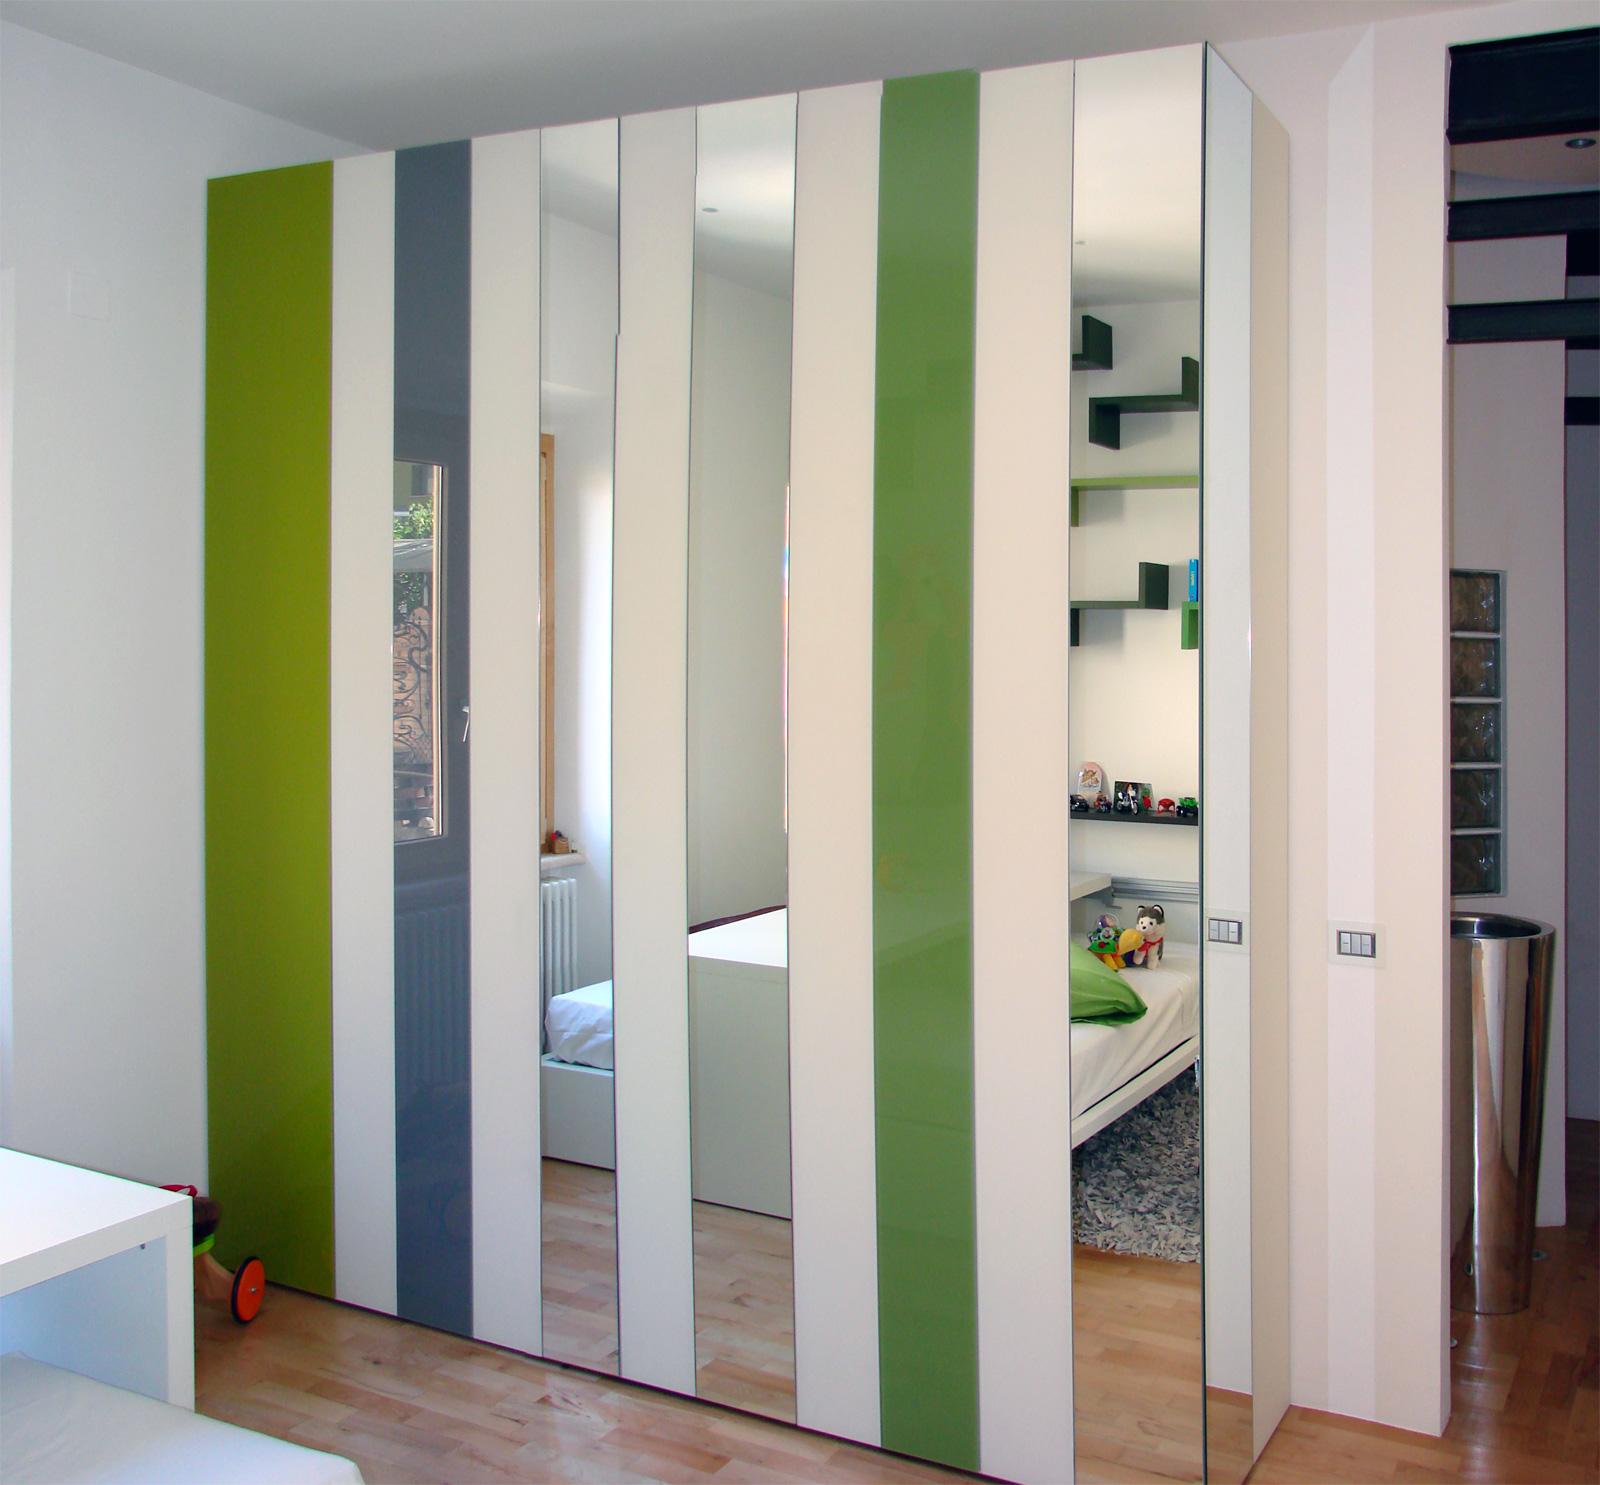 Mobili di design a casa di raffaele e benedetta una realizzazione di dimensione legno a - Case mobili di design ...